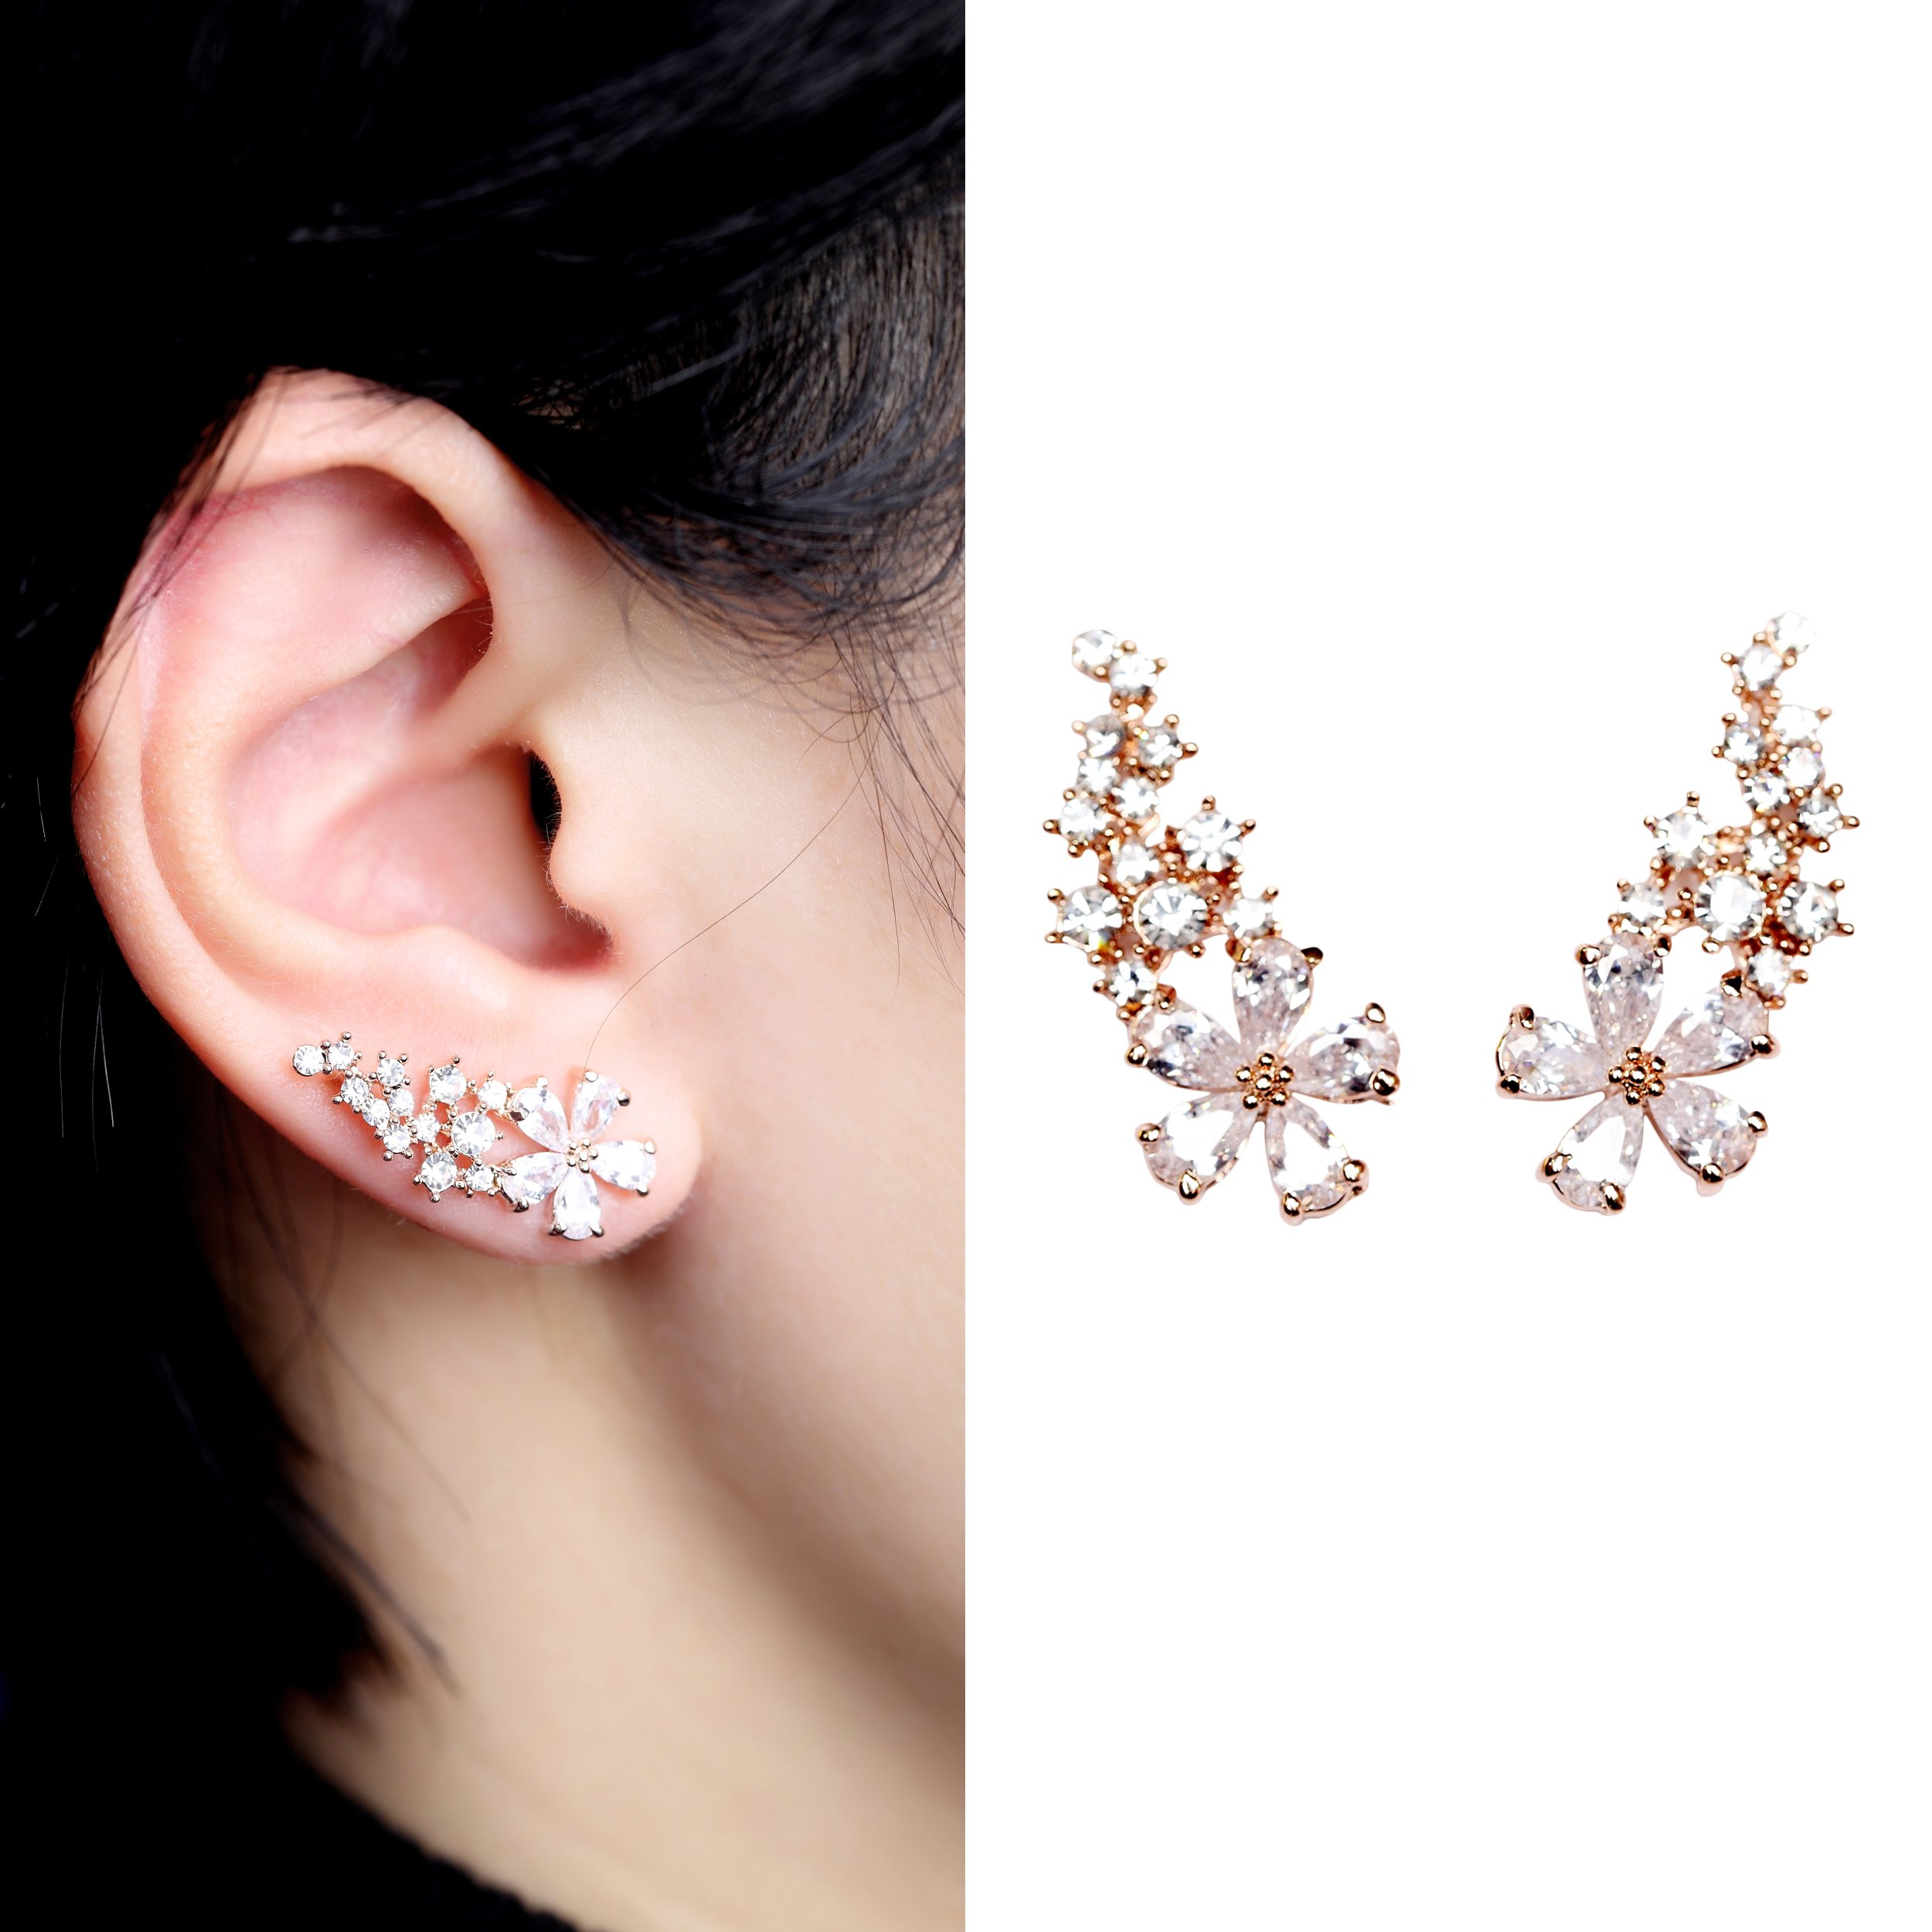 EVERU Pair Women's Bling Crystal Rose Gold Plated Flower Earrings Pierced Wrap Ear Cuff Stud Earrings